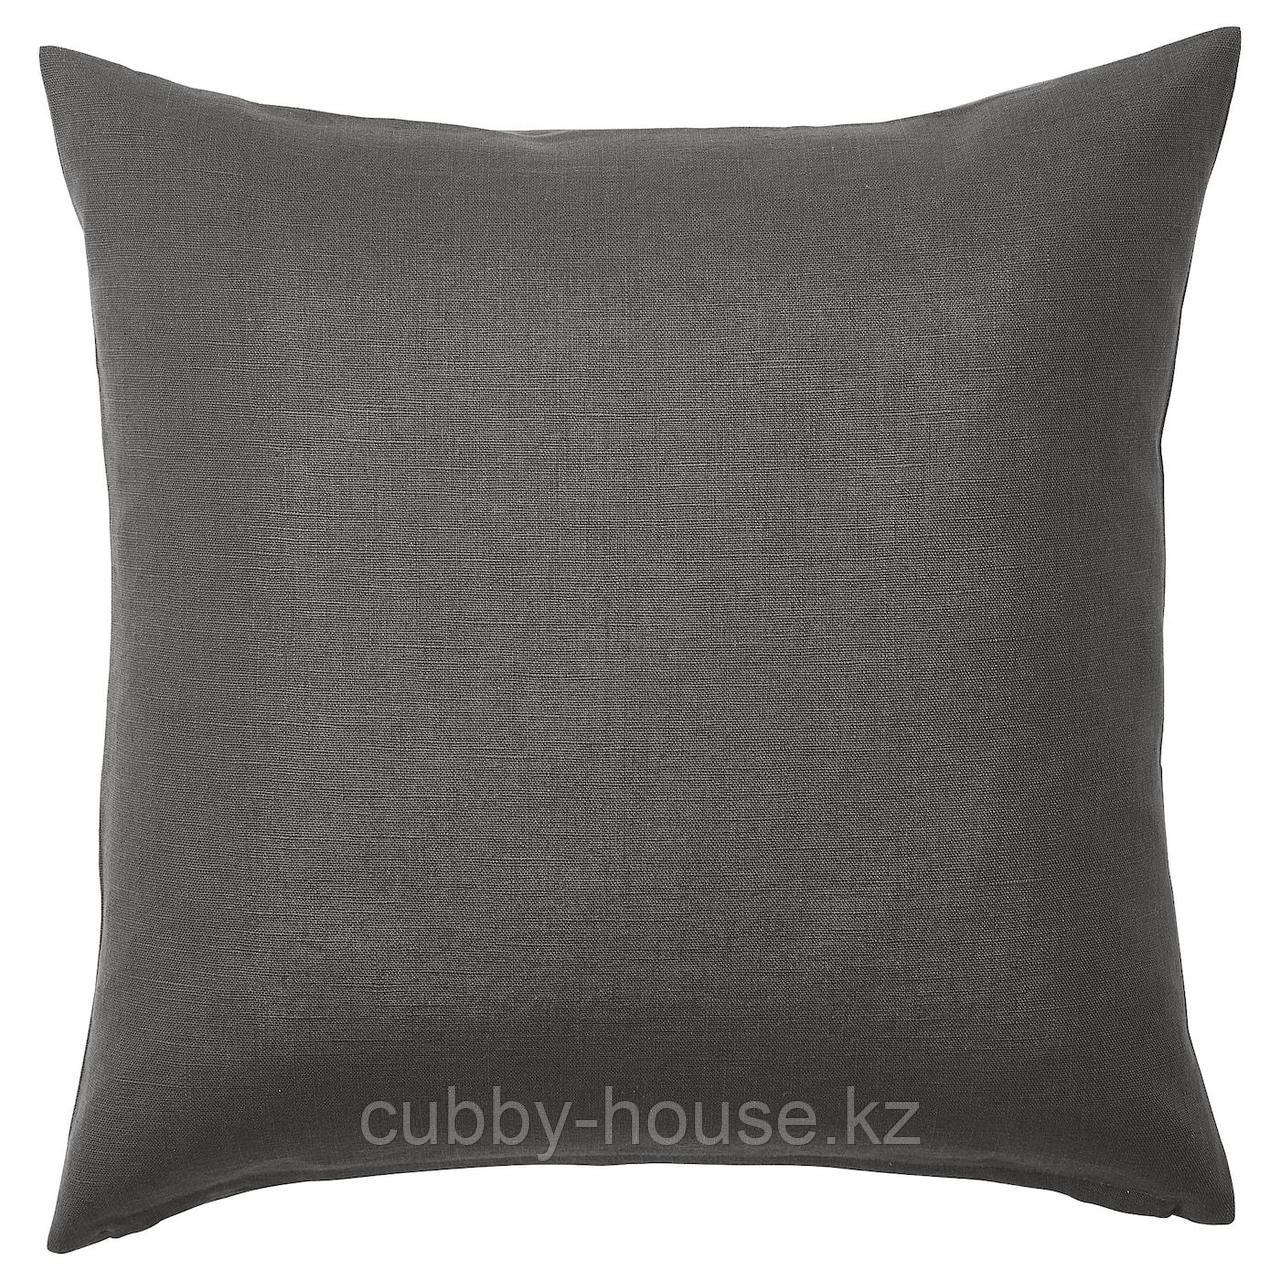 ВИГДИС Чехол на подушку, темный золотисто-коричневый, 50x50 см